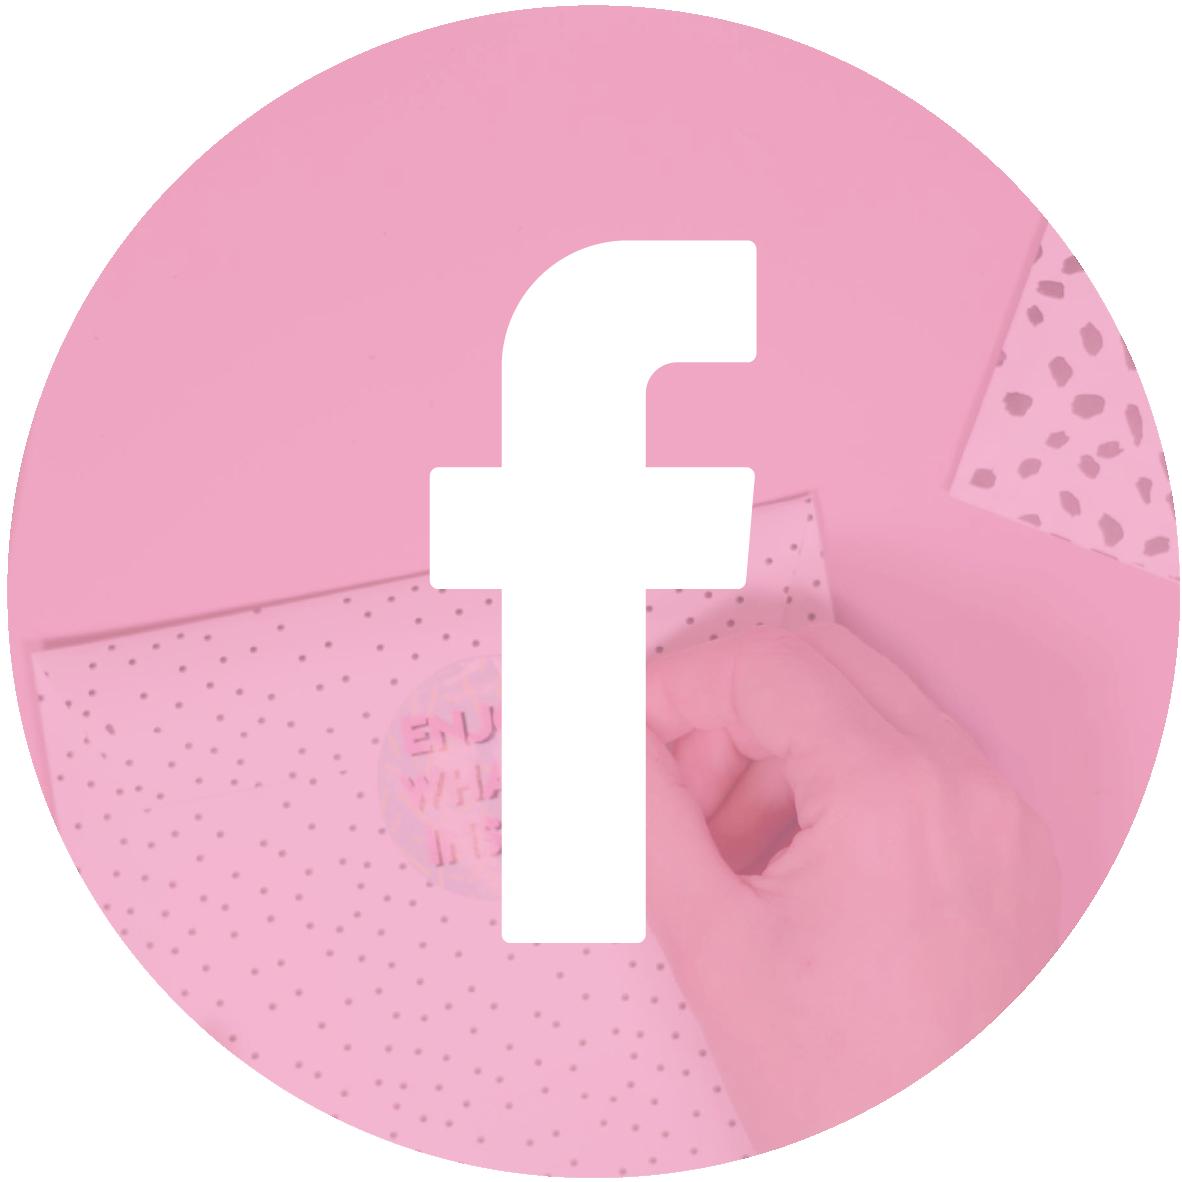 social-icons-021617274132